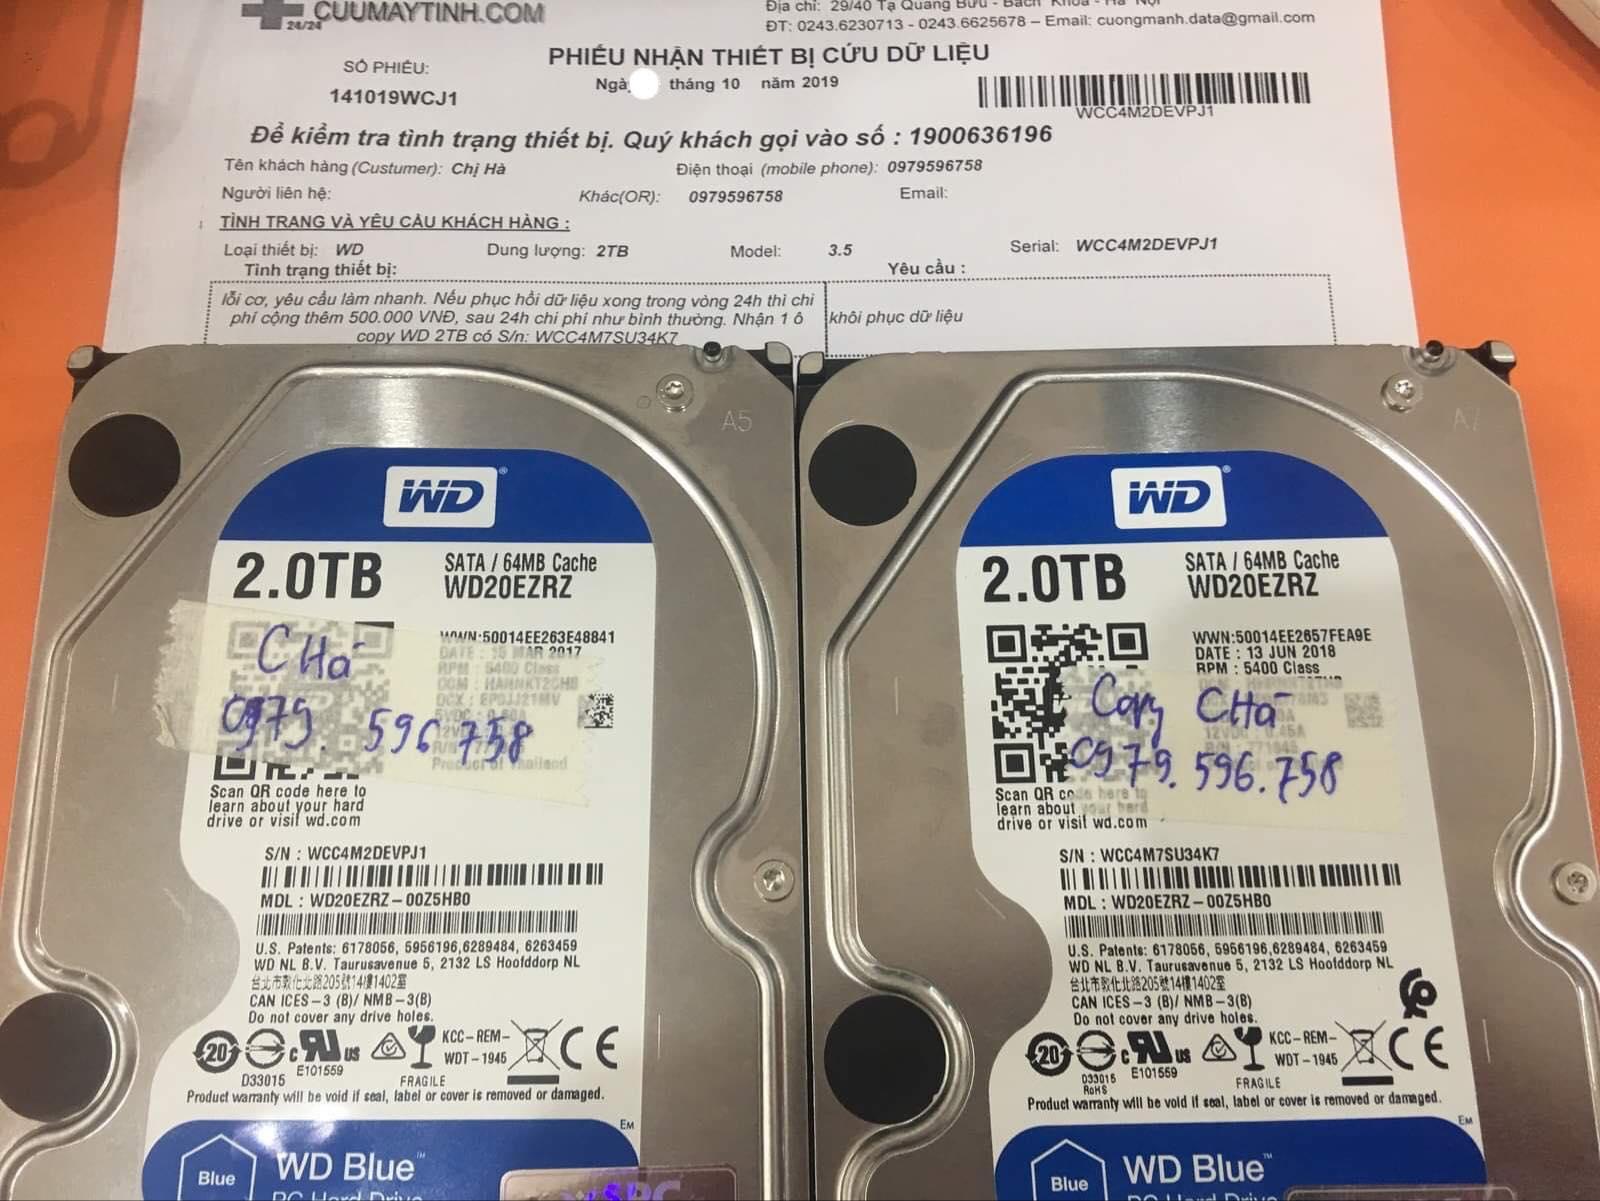 Lấy dữ liệu ổ cứng Western 2TB lỗi cơ 15/10/2019 - cuumaytinh